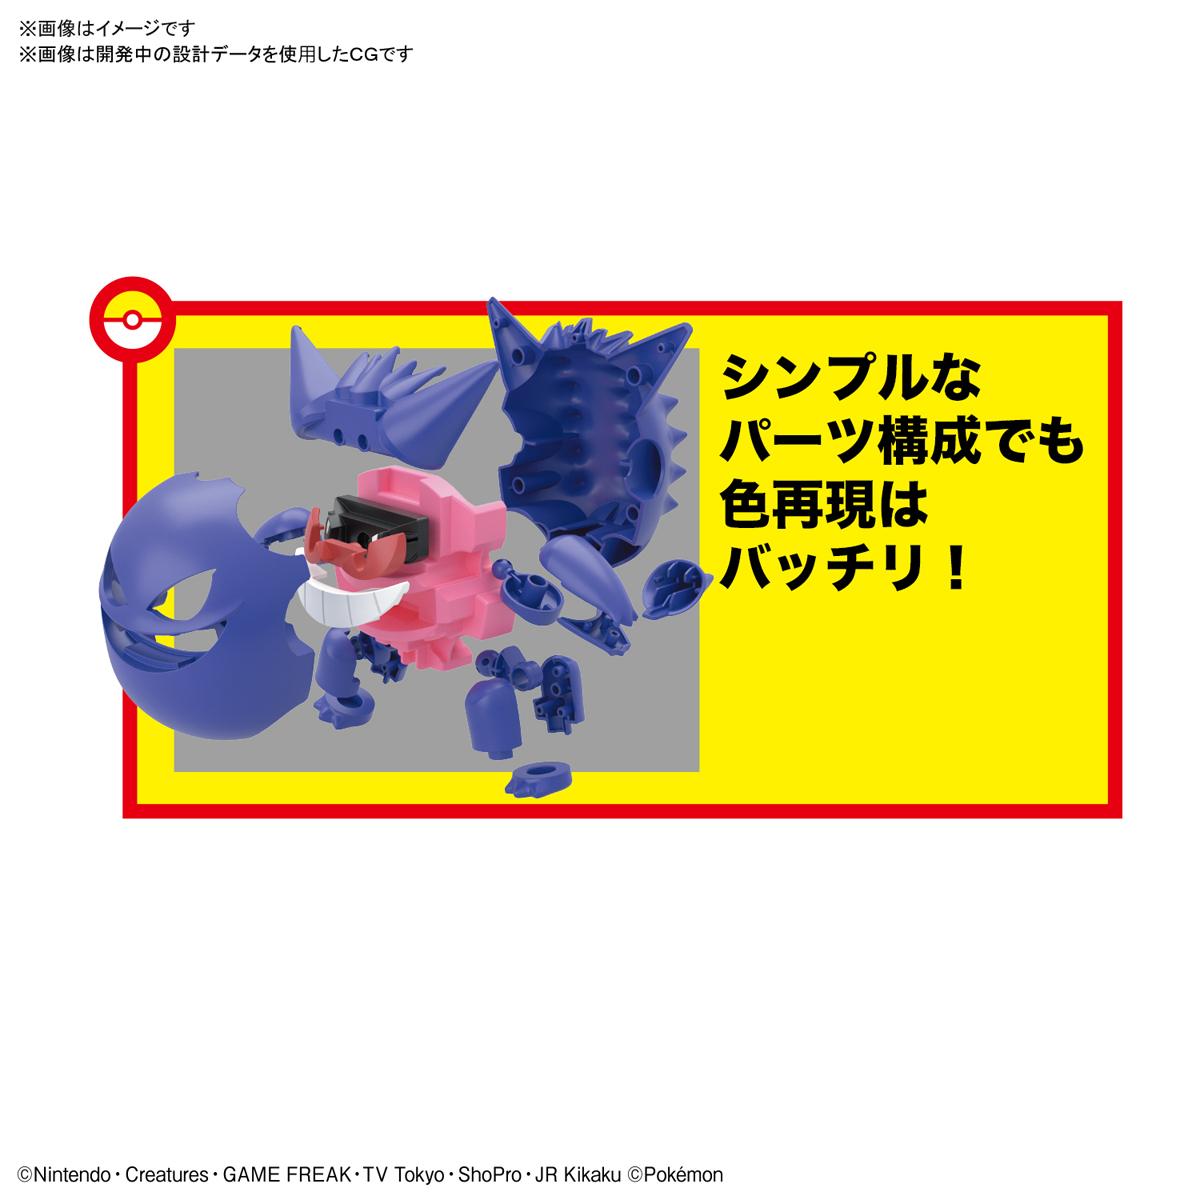 ポケモンプラモコレクション 45 セレクトシリーズ『ゲンガー』プラモデル-004